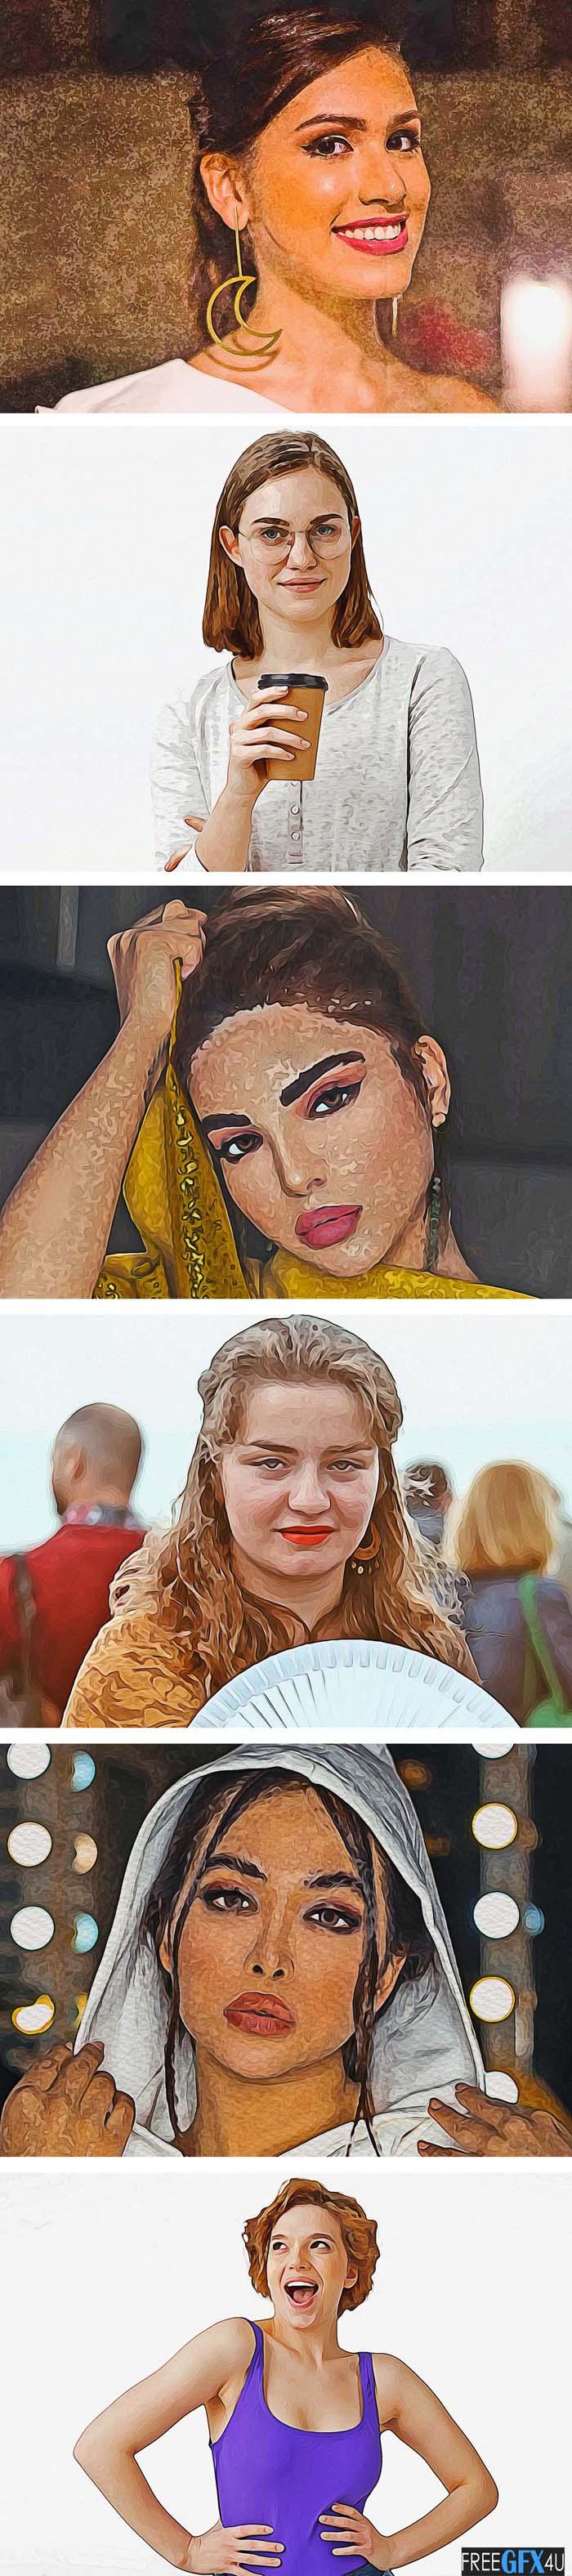 Pro Artistic Oil Photoshop Action